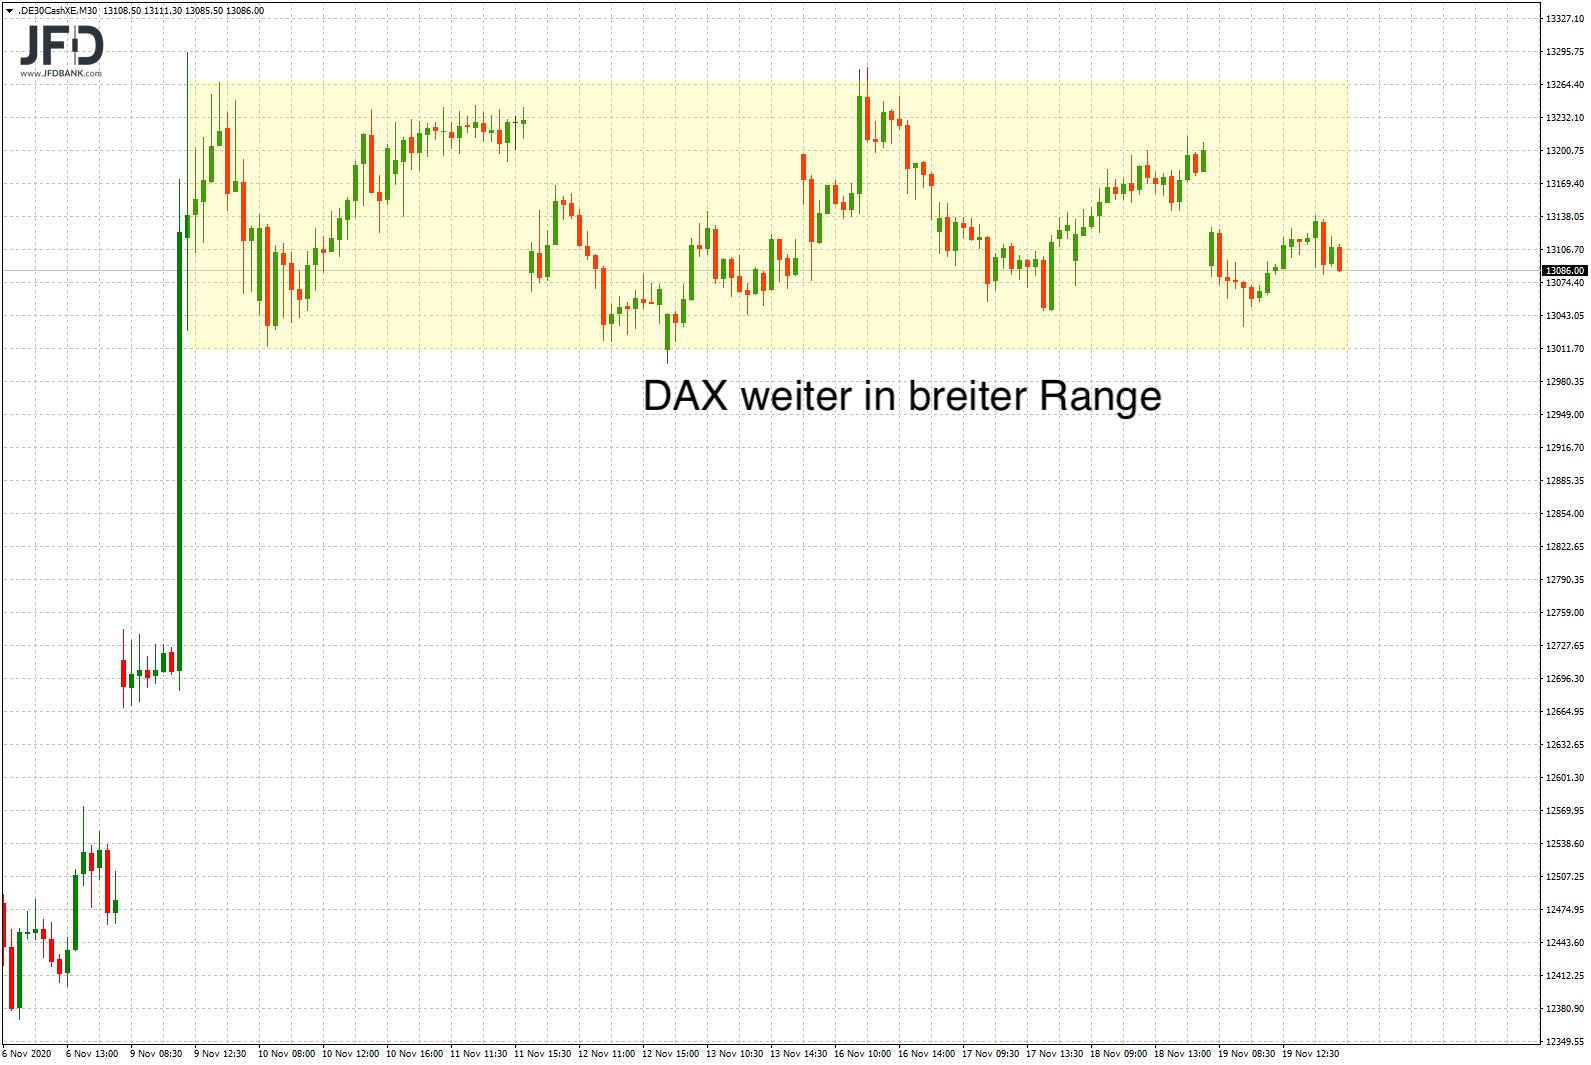 DAX-Bild übergeordnet